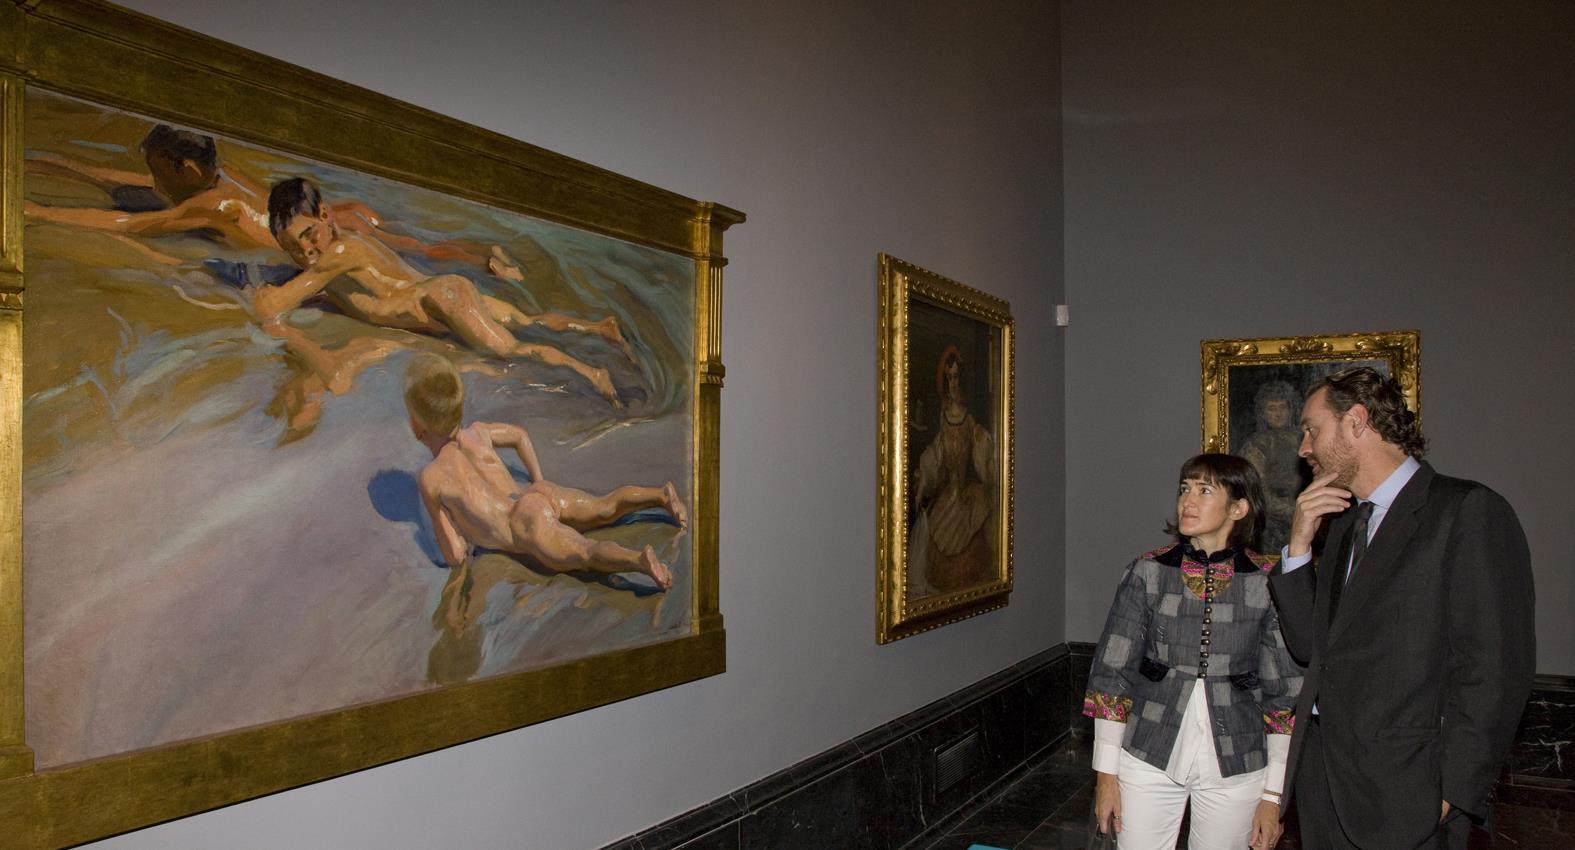 La ministra de Cultura visita las nuevas salas del Museo dedicadas al siglo XIX que se inaugurarán próximamente